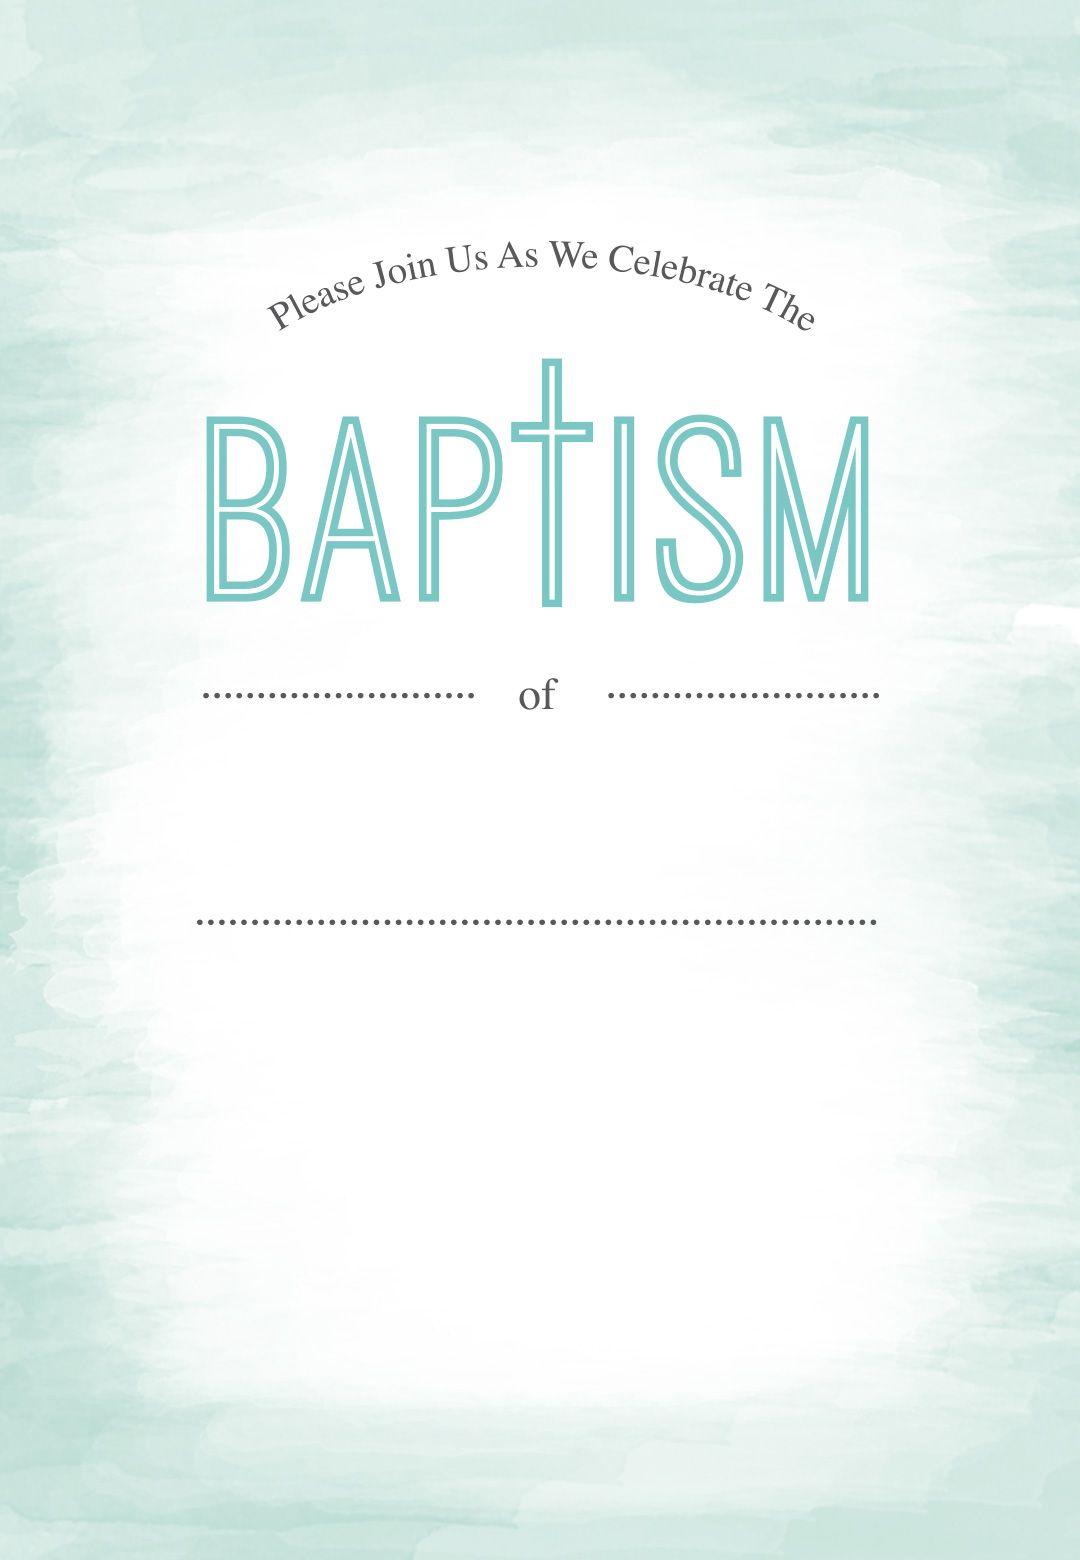 Water - Free Printable Baptism & Christening Invitation With Blank Christening Invitation Templates